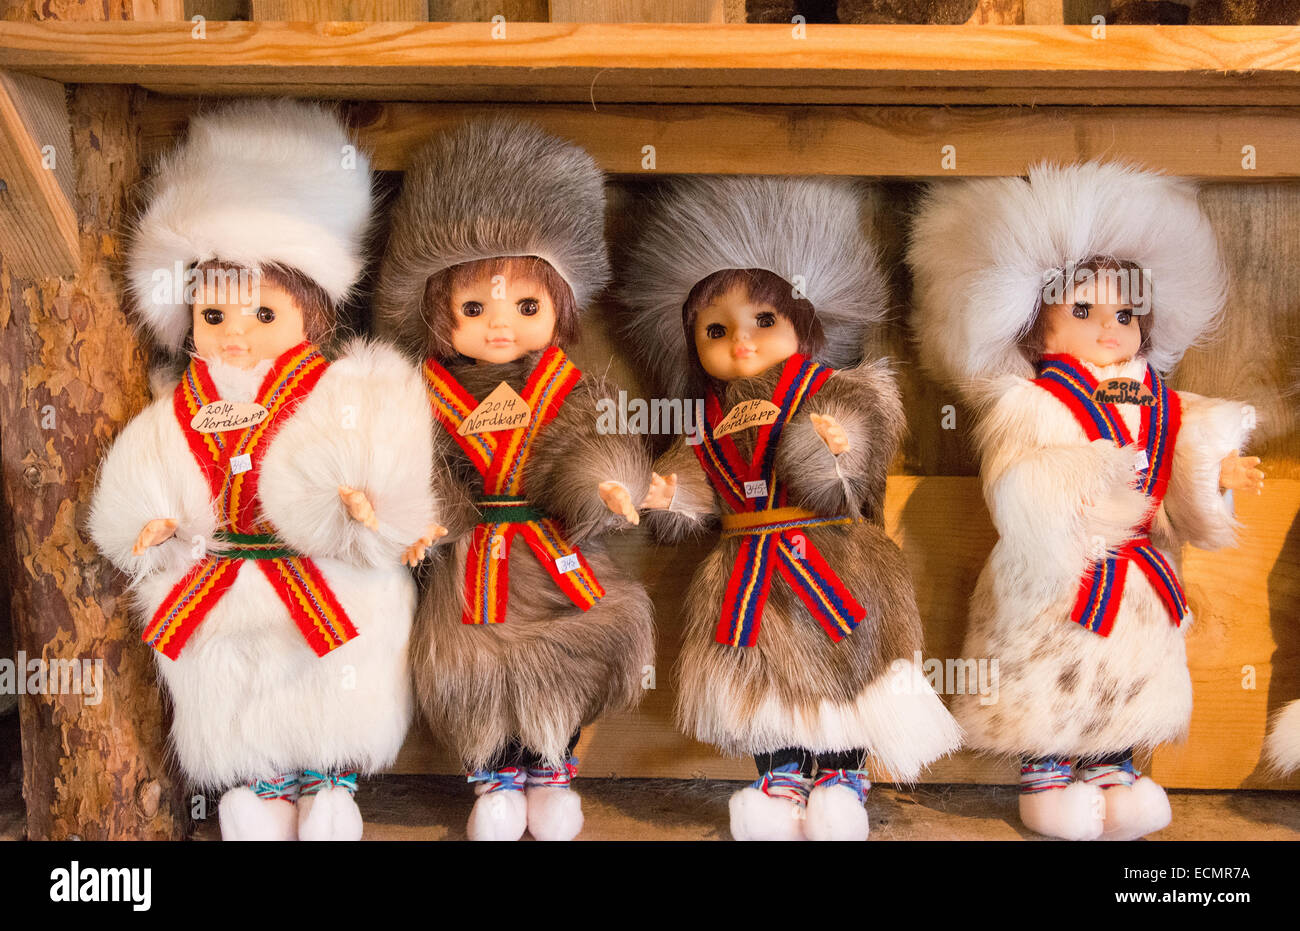 Honningsvag Norvegia crociera Hurtigruten Sami souvenir tribali di home articoli fatti a Capo Nord Nord più Immagini Stock